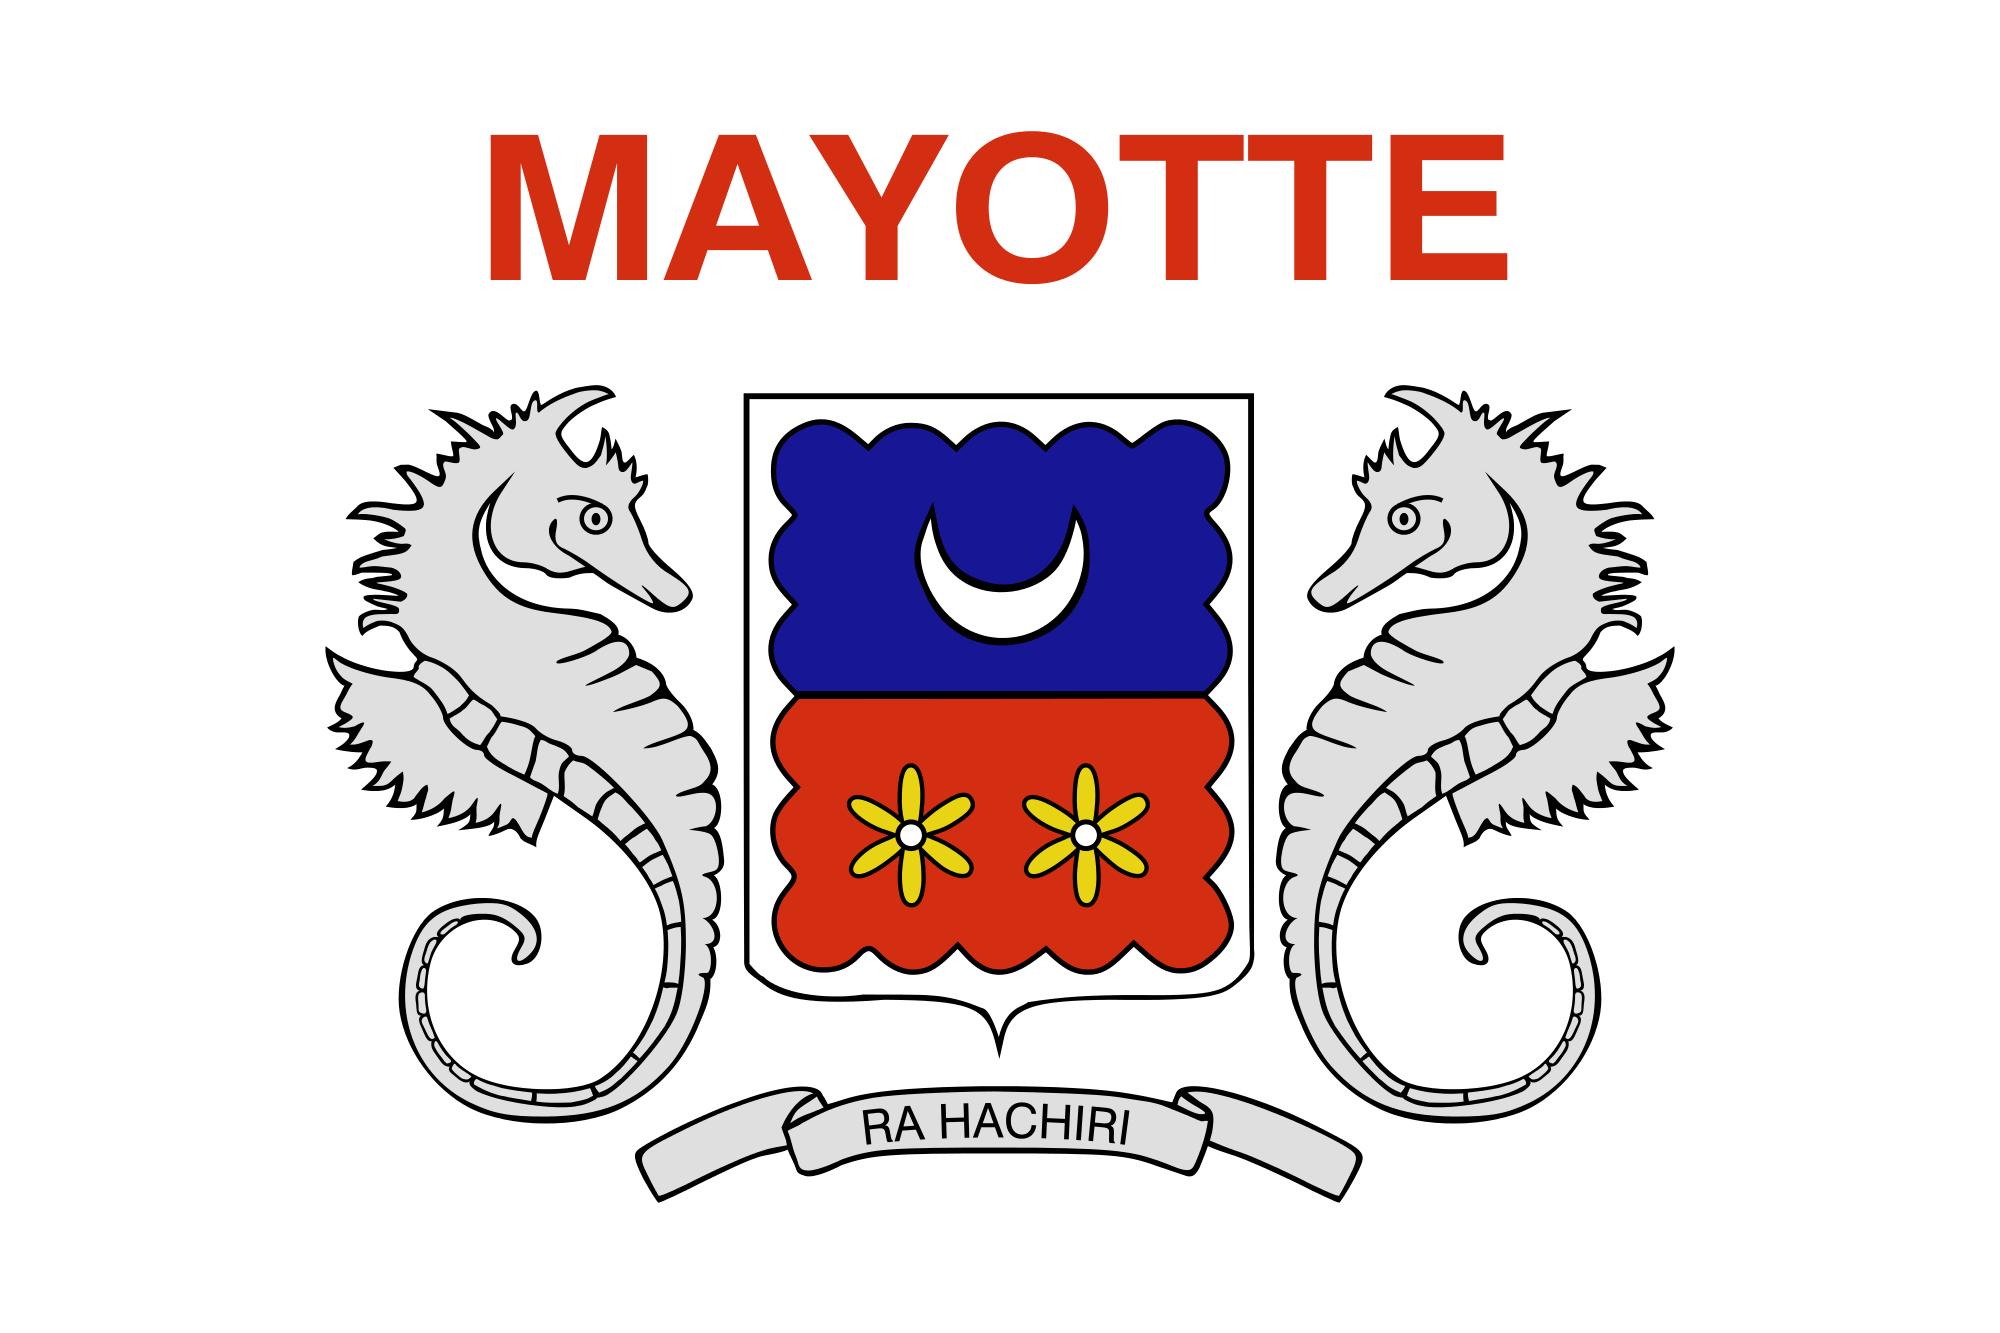 马约特岛, 国家, 会徽, 徽标, 符号 - 高清壁纸 - 教授-falken.com